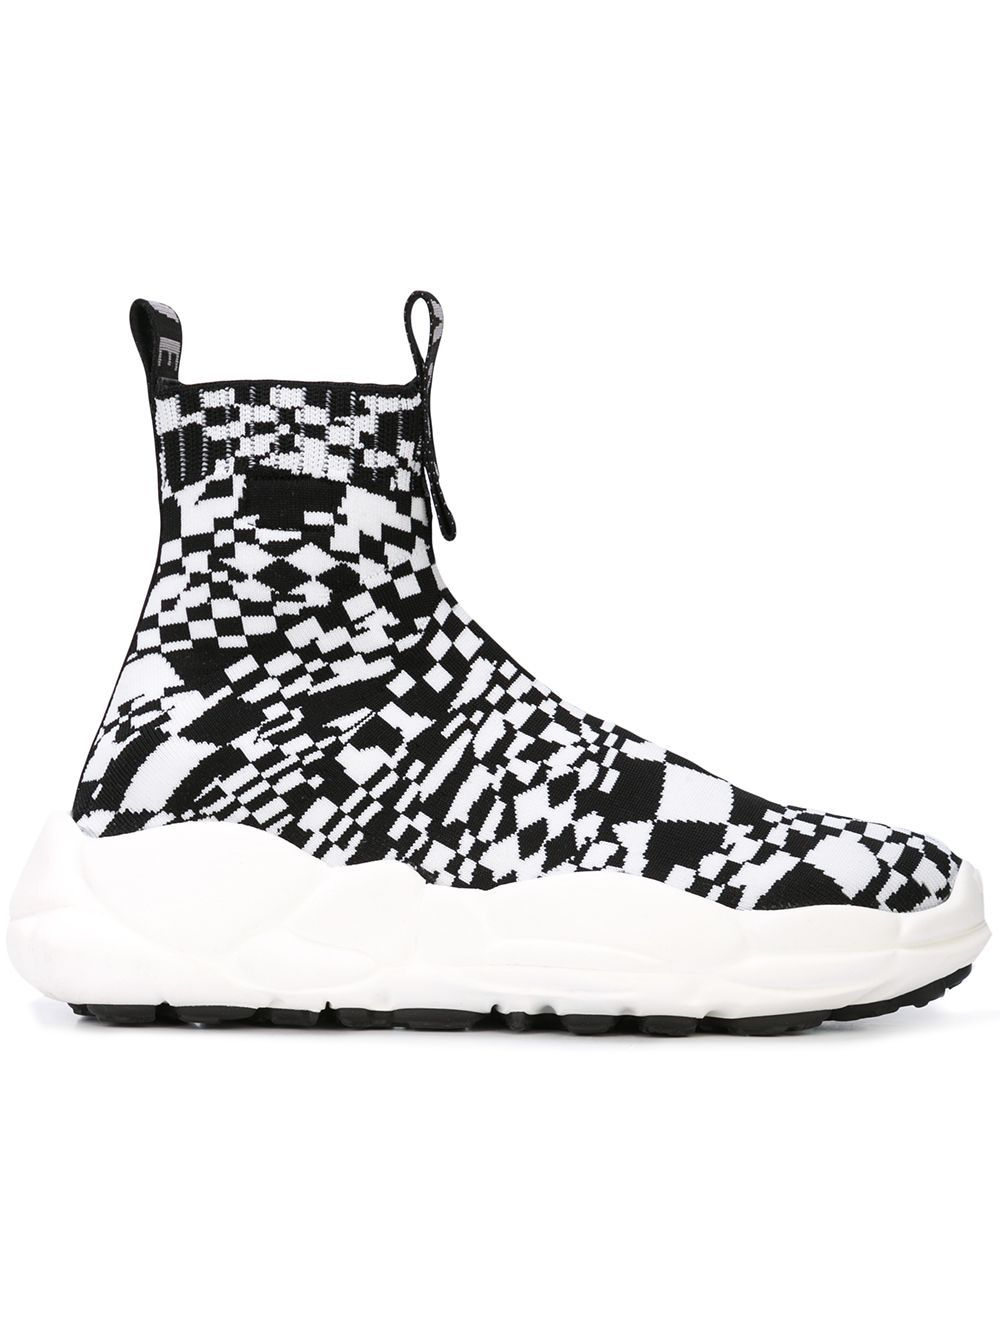 Size Versus Versus Top Anatomia Versace Sneakers Sock Hi 8 DI9WbE2eHY